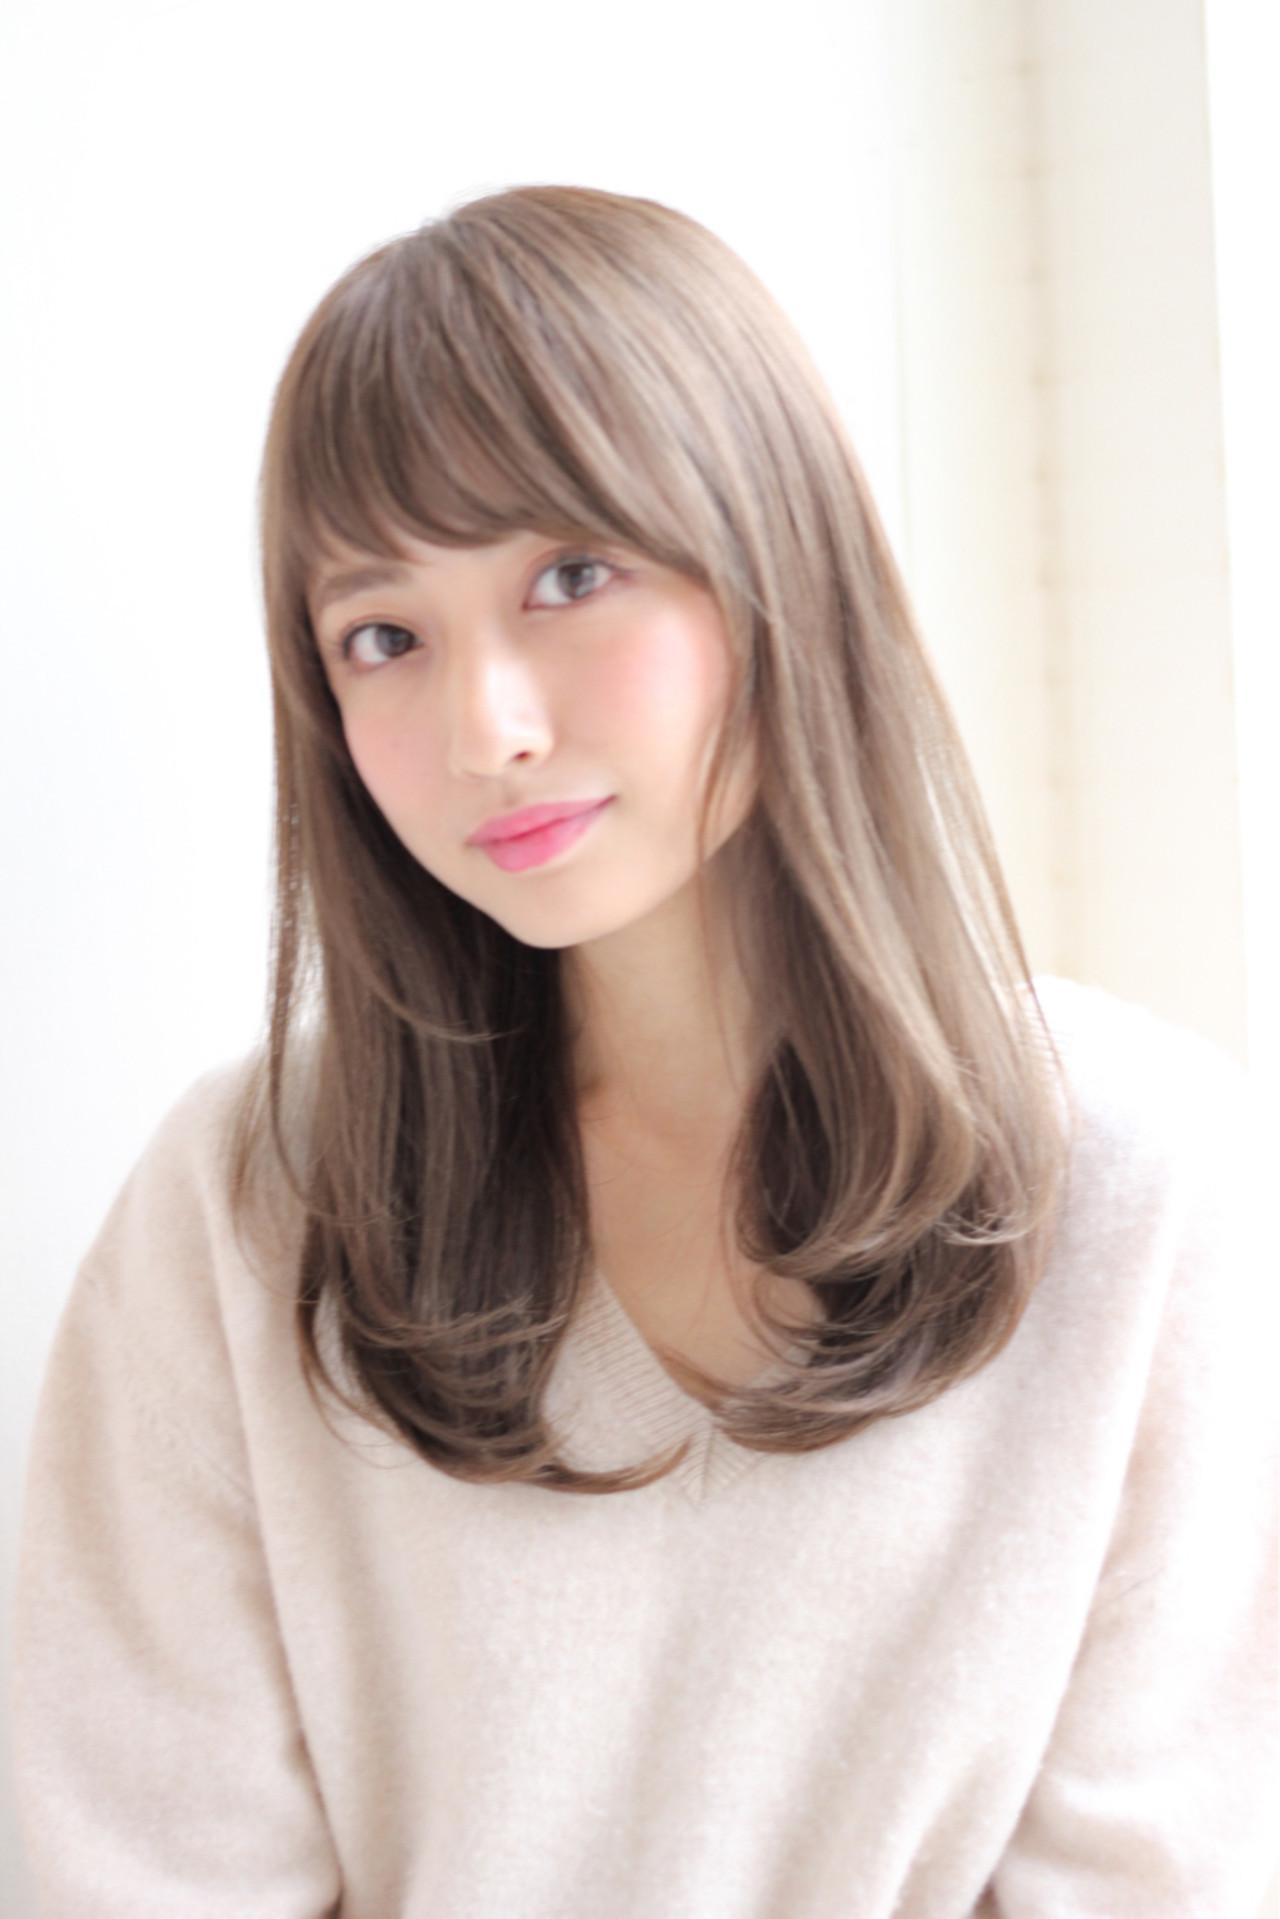 髪型 ロング 黒髪 30代 Khabarplanet Com